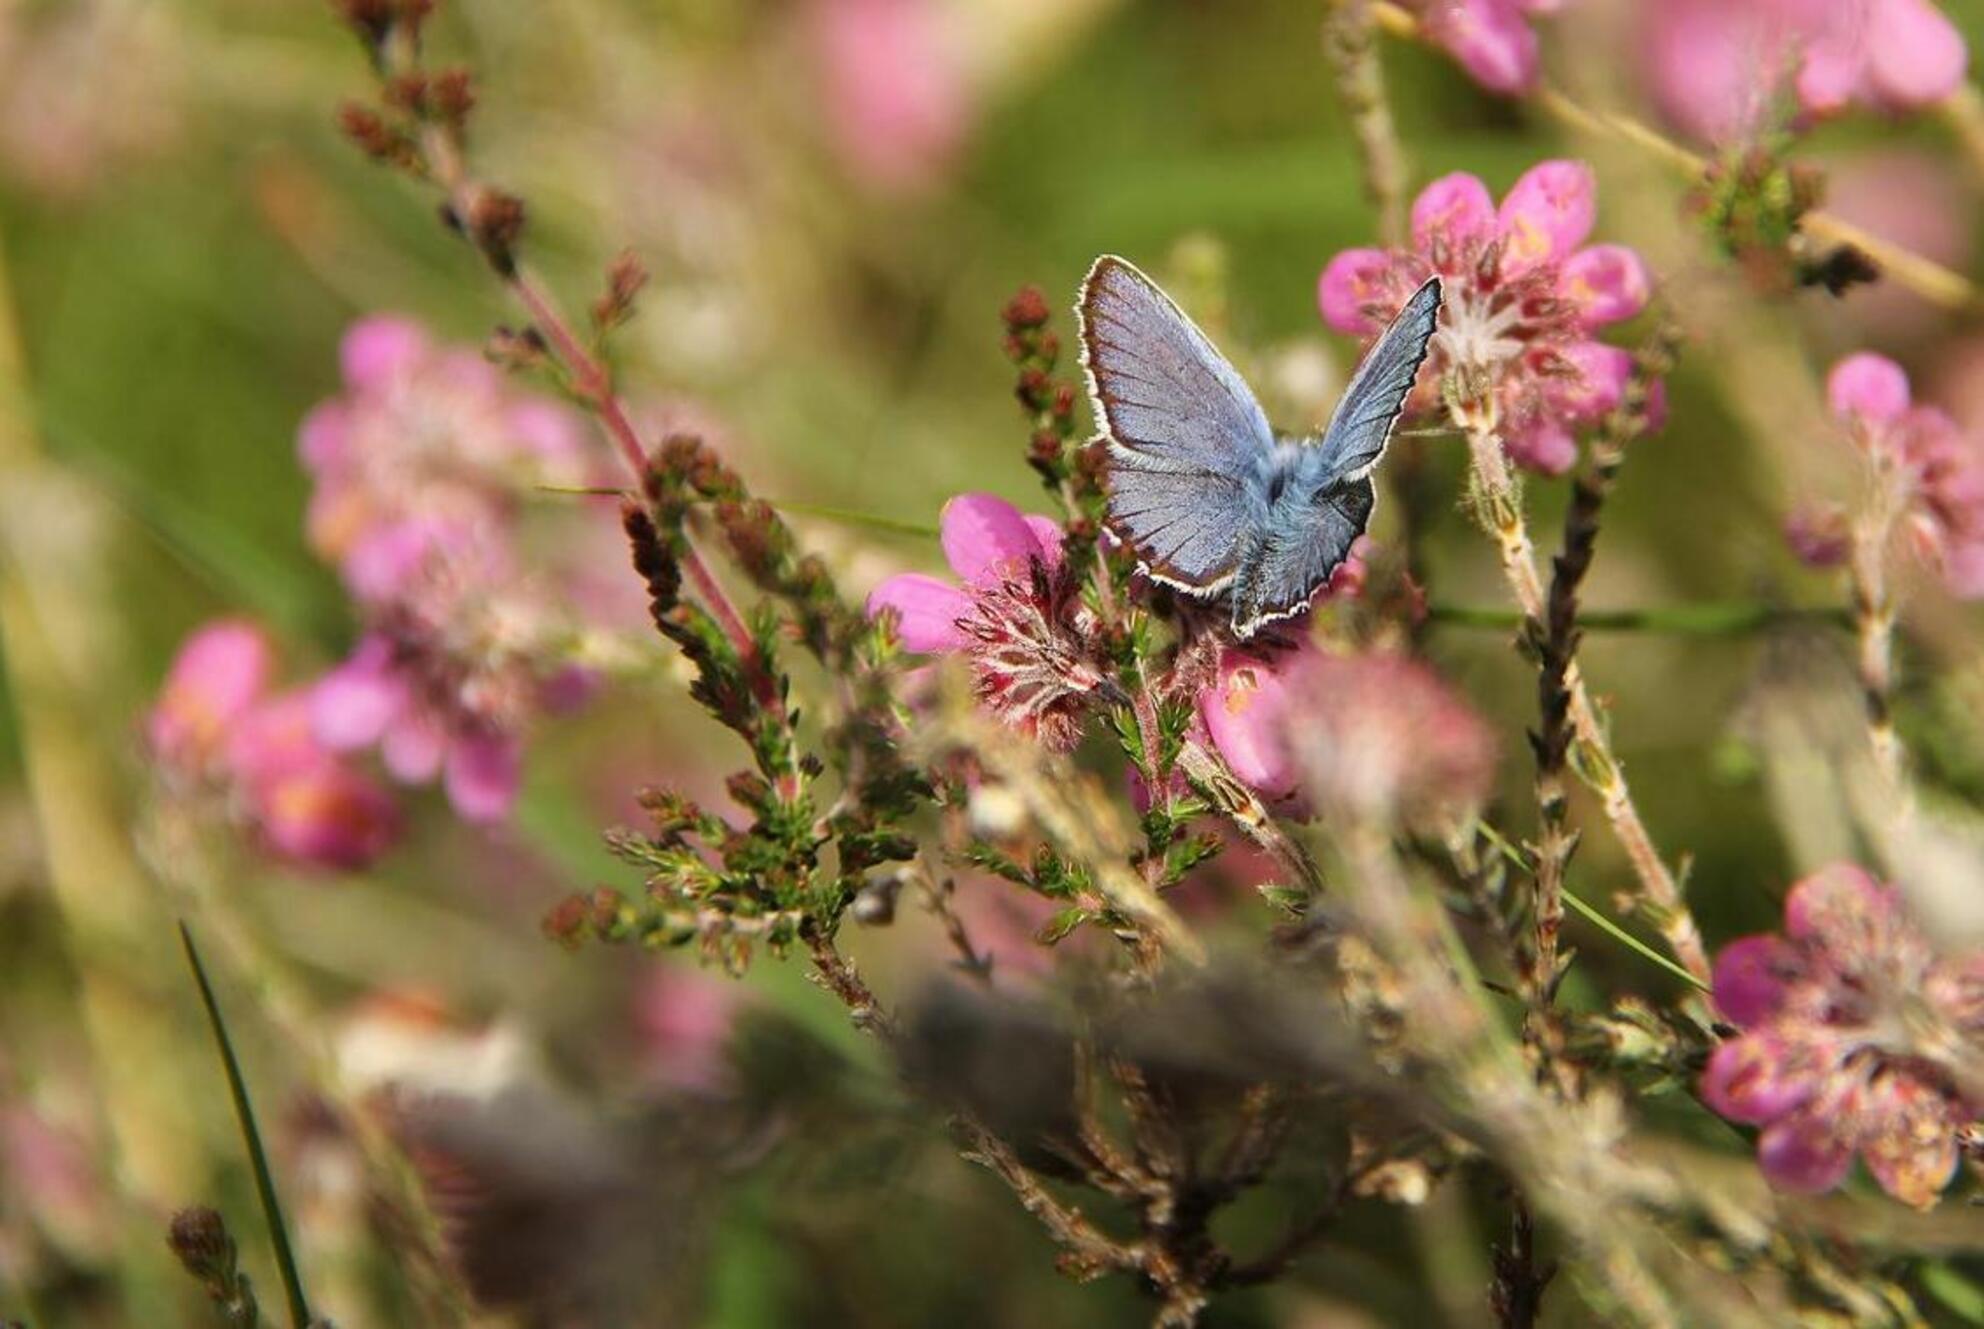 Zomer in het Boetelerveld - Zomer kleuren in het Boetelerveld, zoomdag Heino - foto door Duckie_zoom op 30-06-2013 - deze foto bevat: paars, heide, zoomdag, heino, heideblauwtje